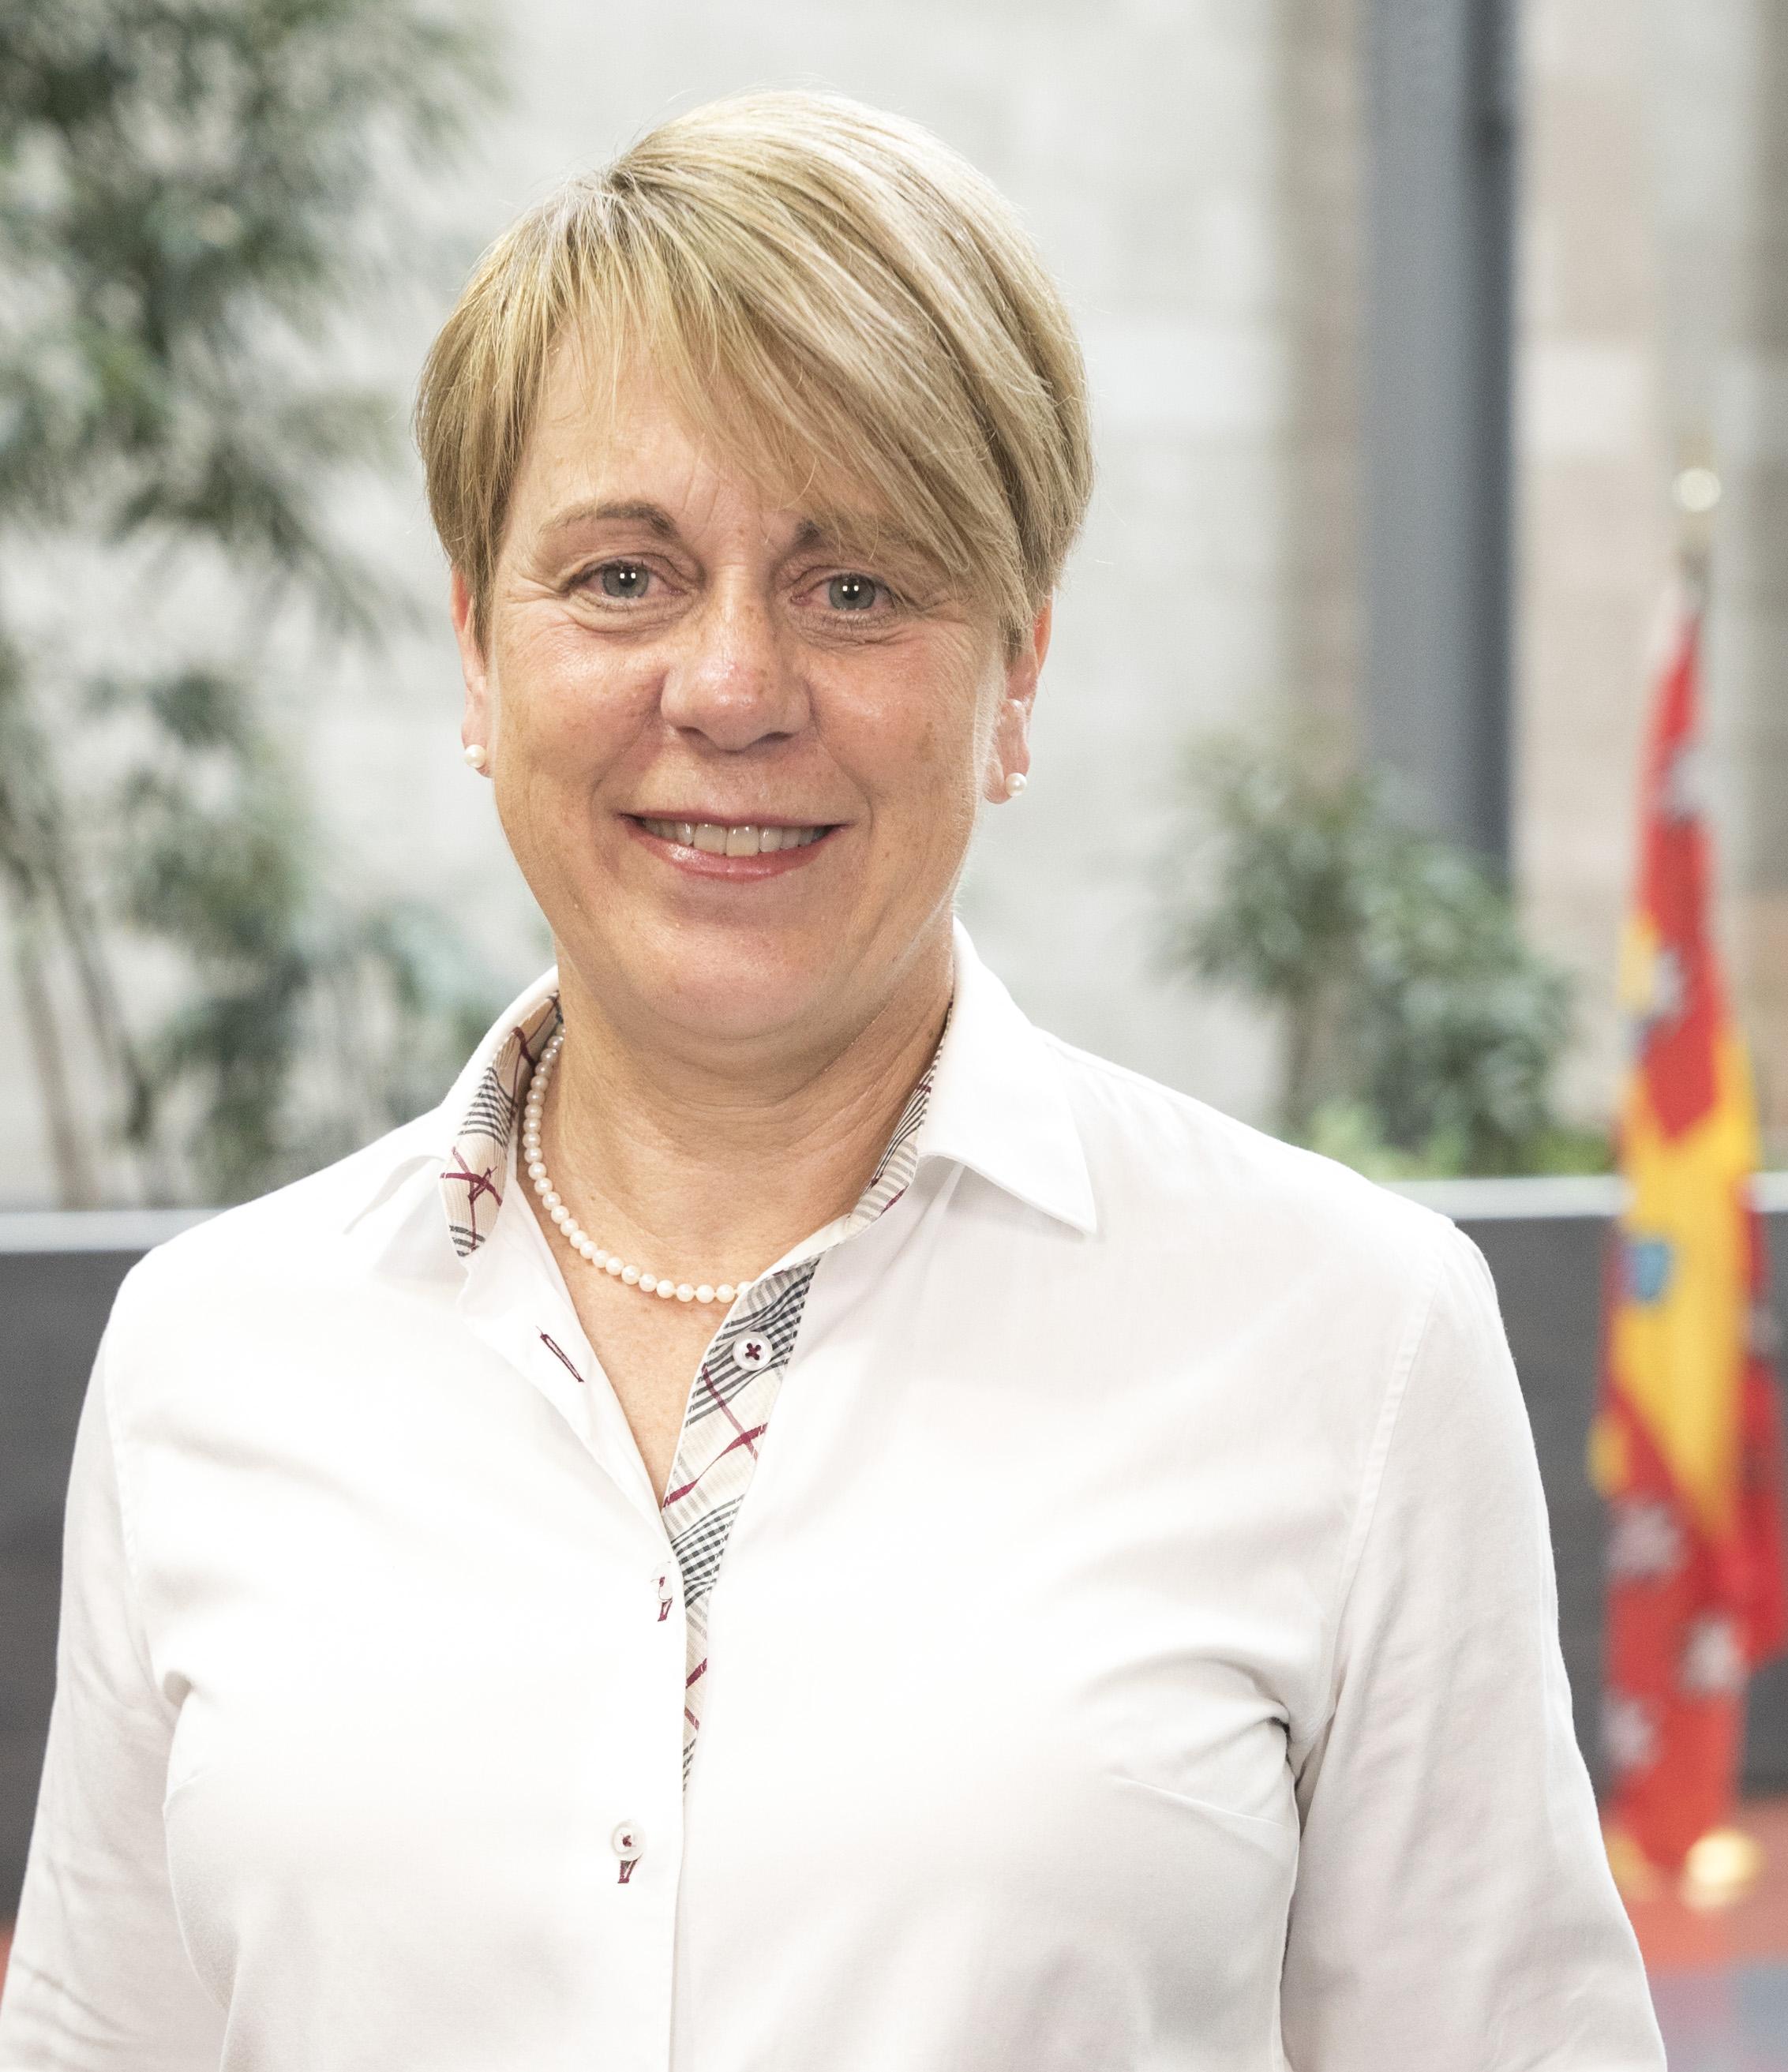 Dominique Moisan Calendrier.Jocelyne Moisan Faculte De Pharmacie De L Universite Laval